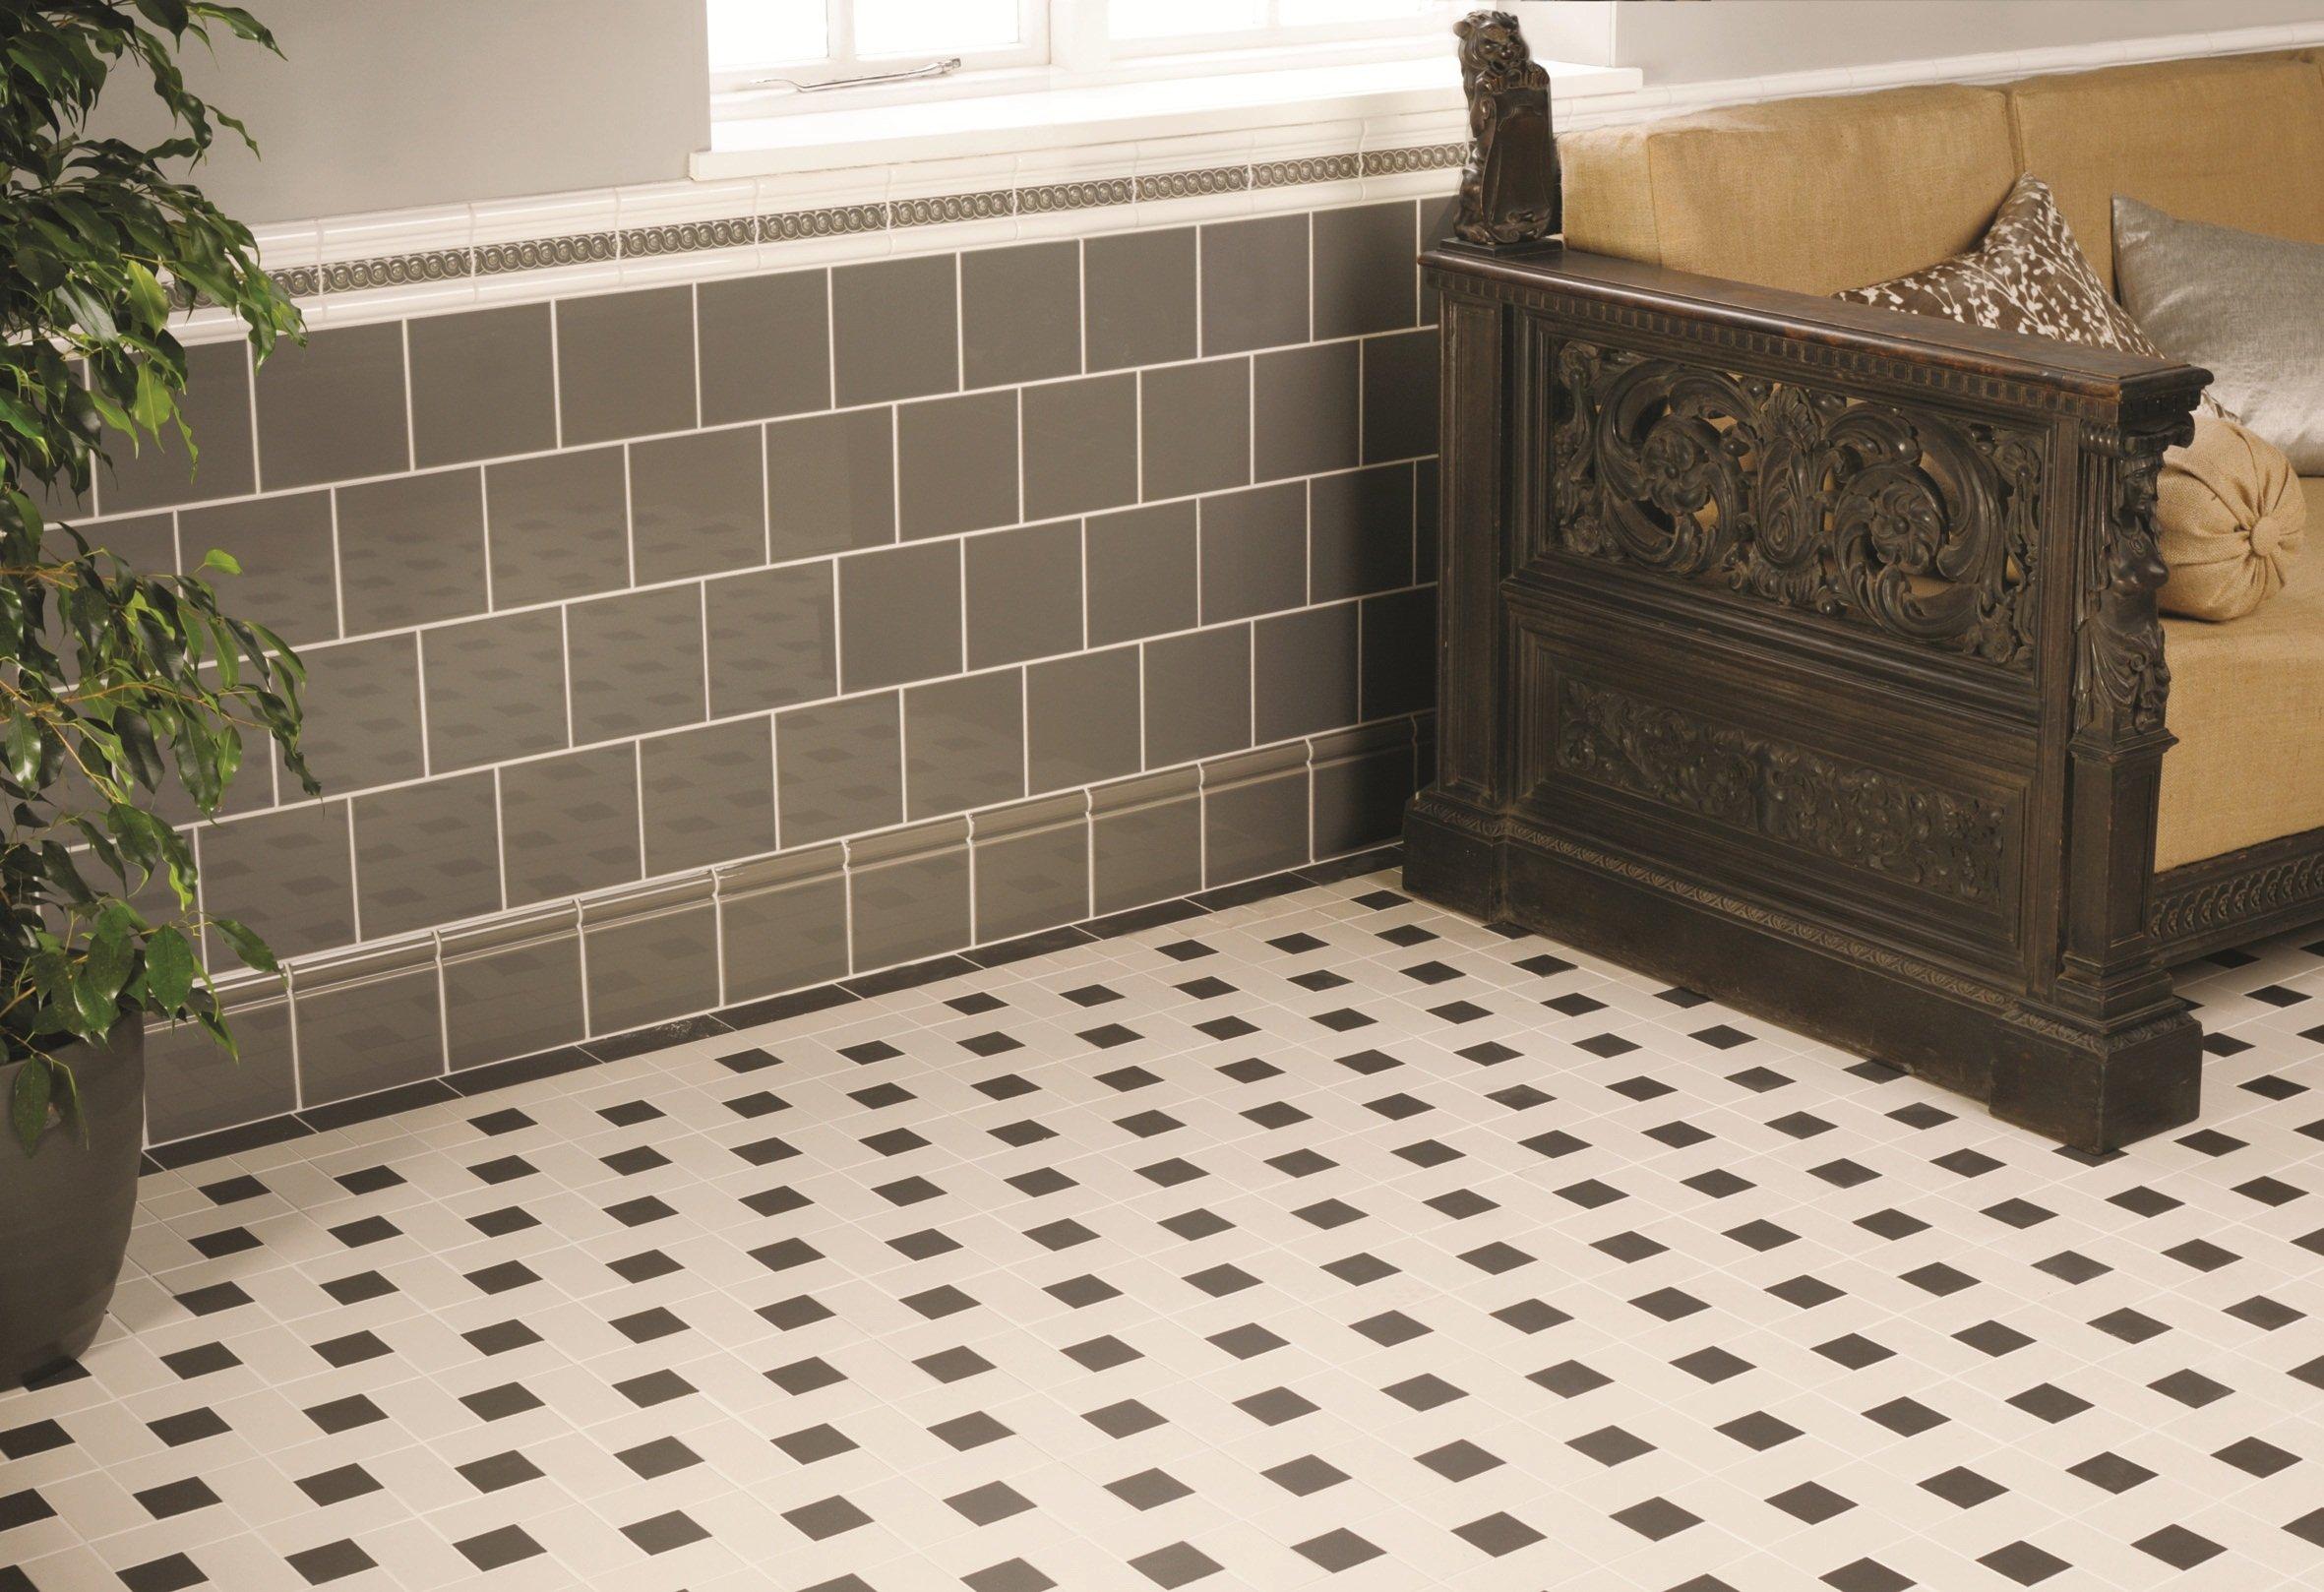 Victorian Tiles VictorianGeometric Floor